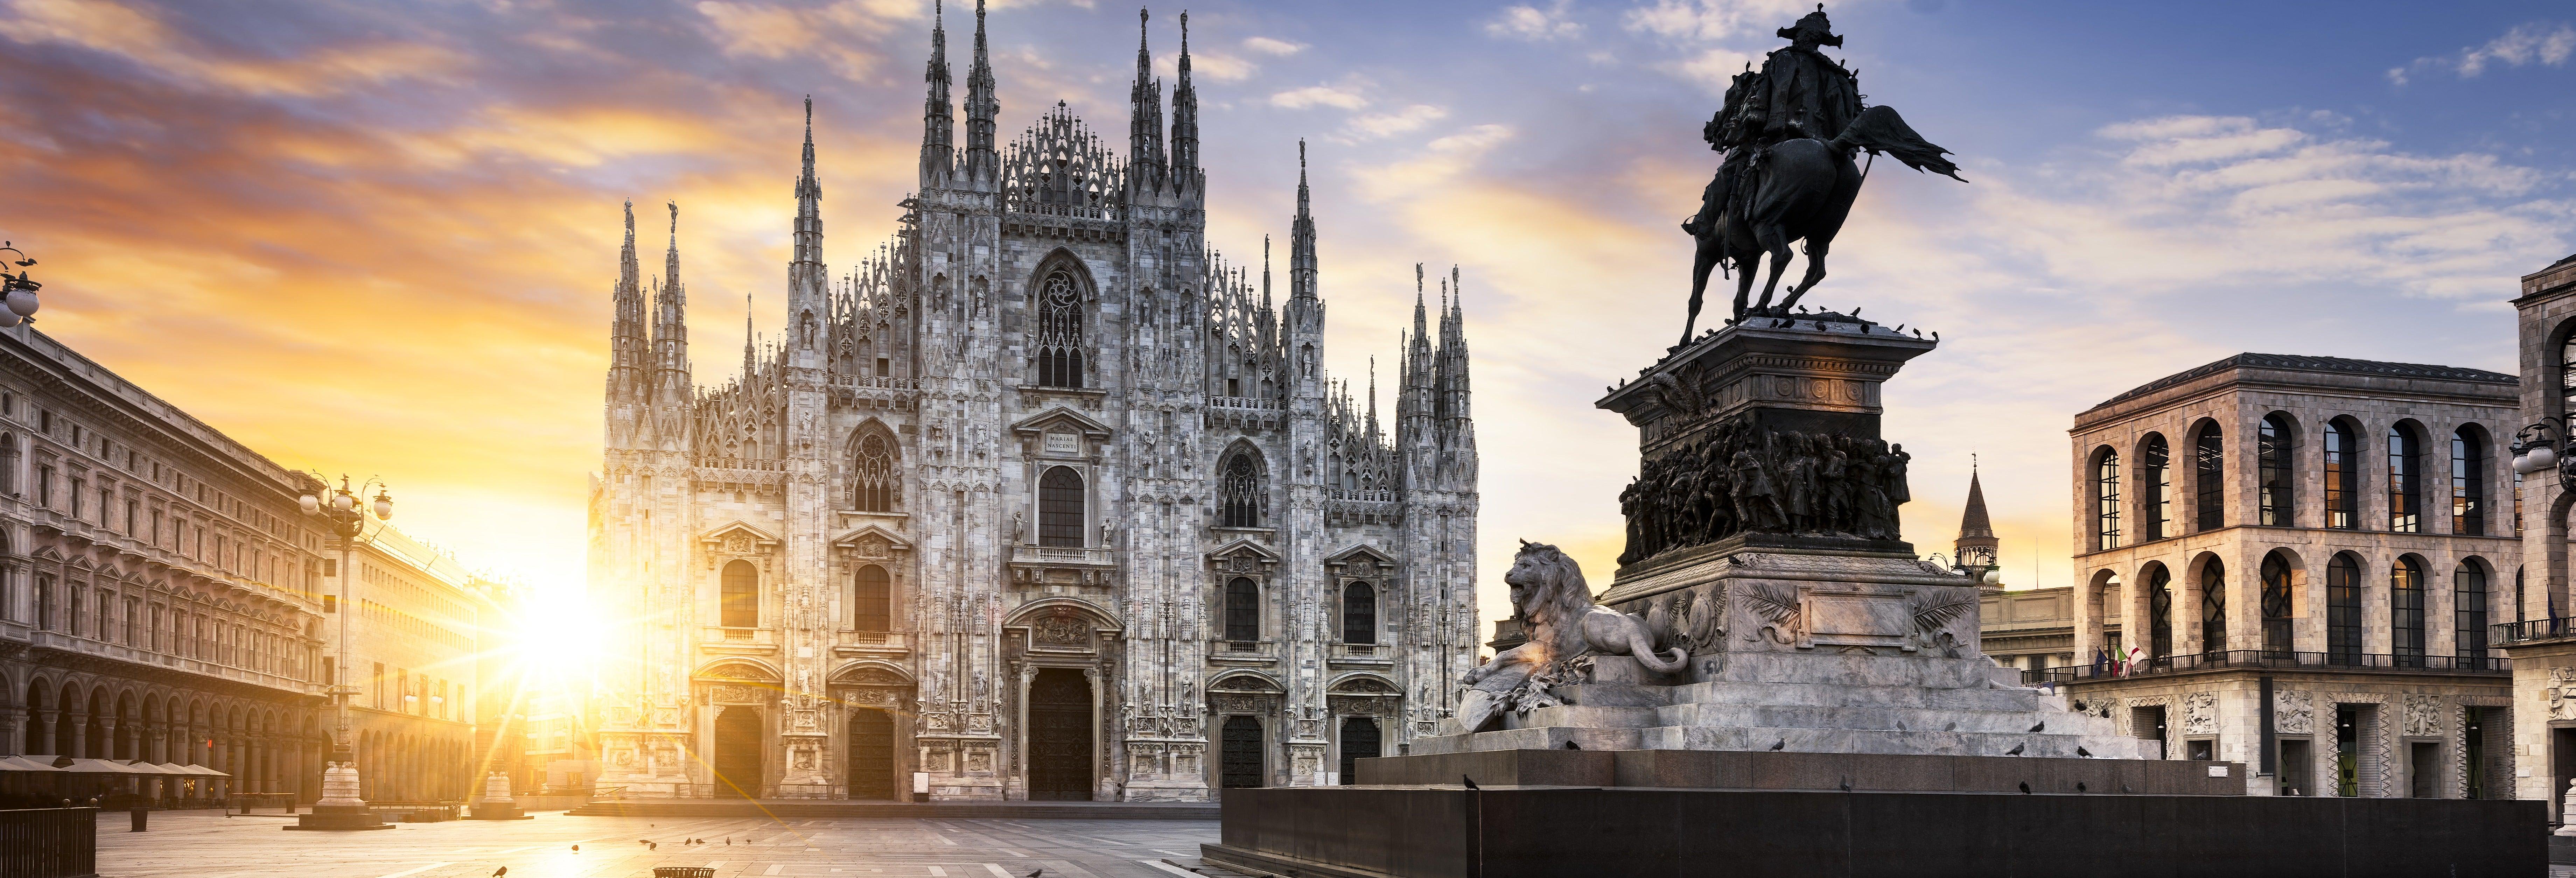 Oferta: Visita guiada por Milán + La Última Cena